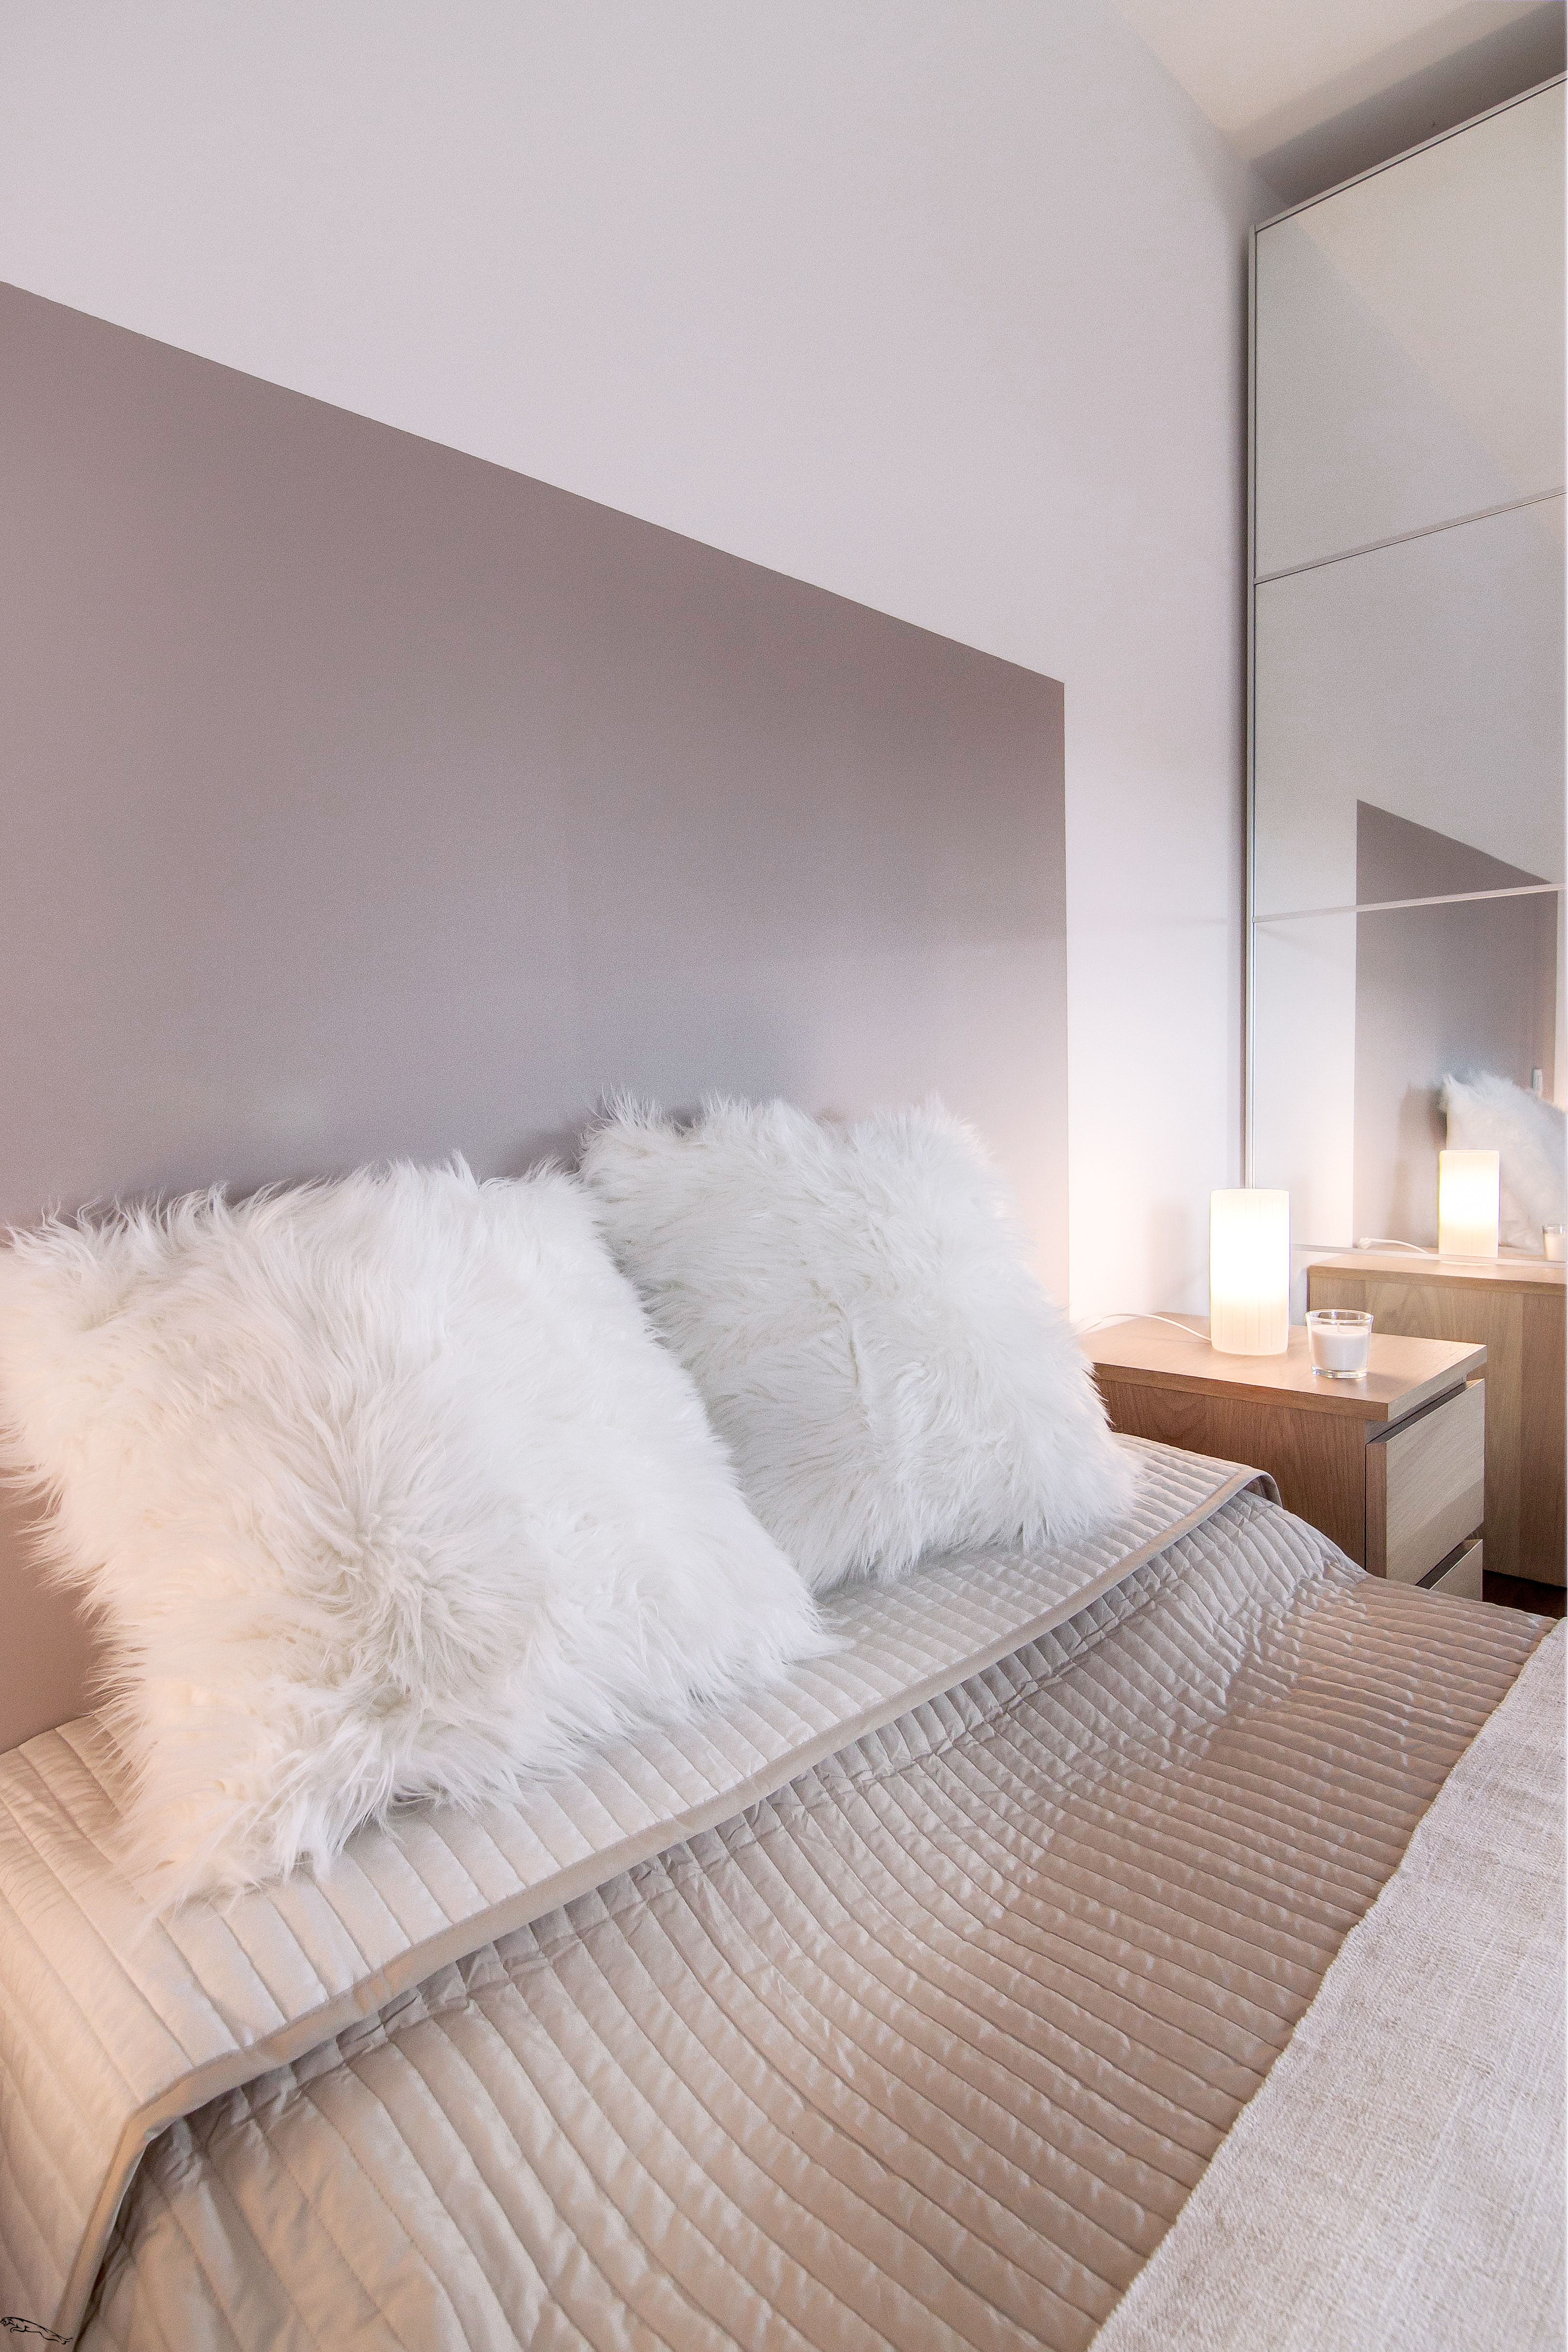 Chambre Cocooning Schlafzimmerbeige White Bedroom Cozy Bedroom Room